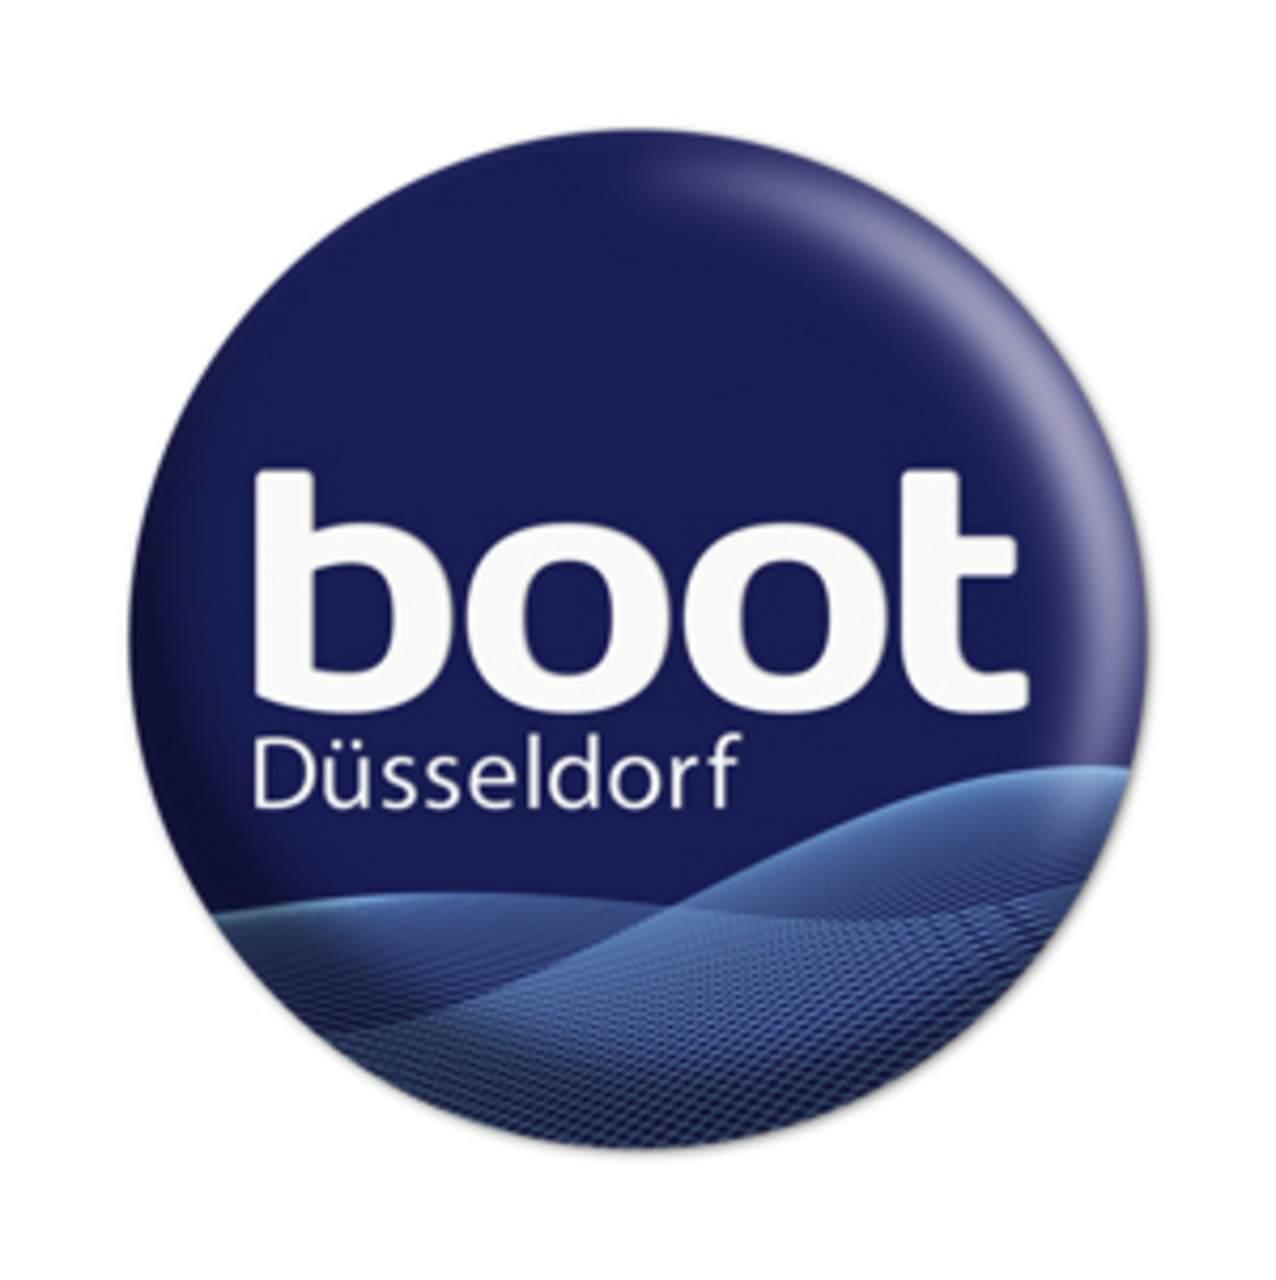 BOOT DÜSSELDORF - ALLEMAGNE